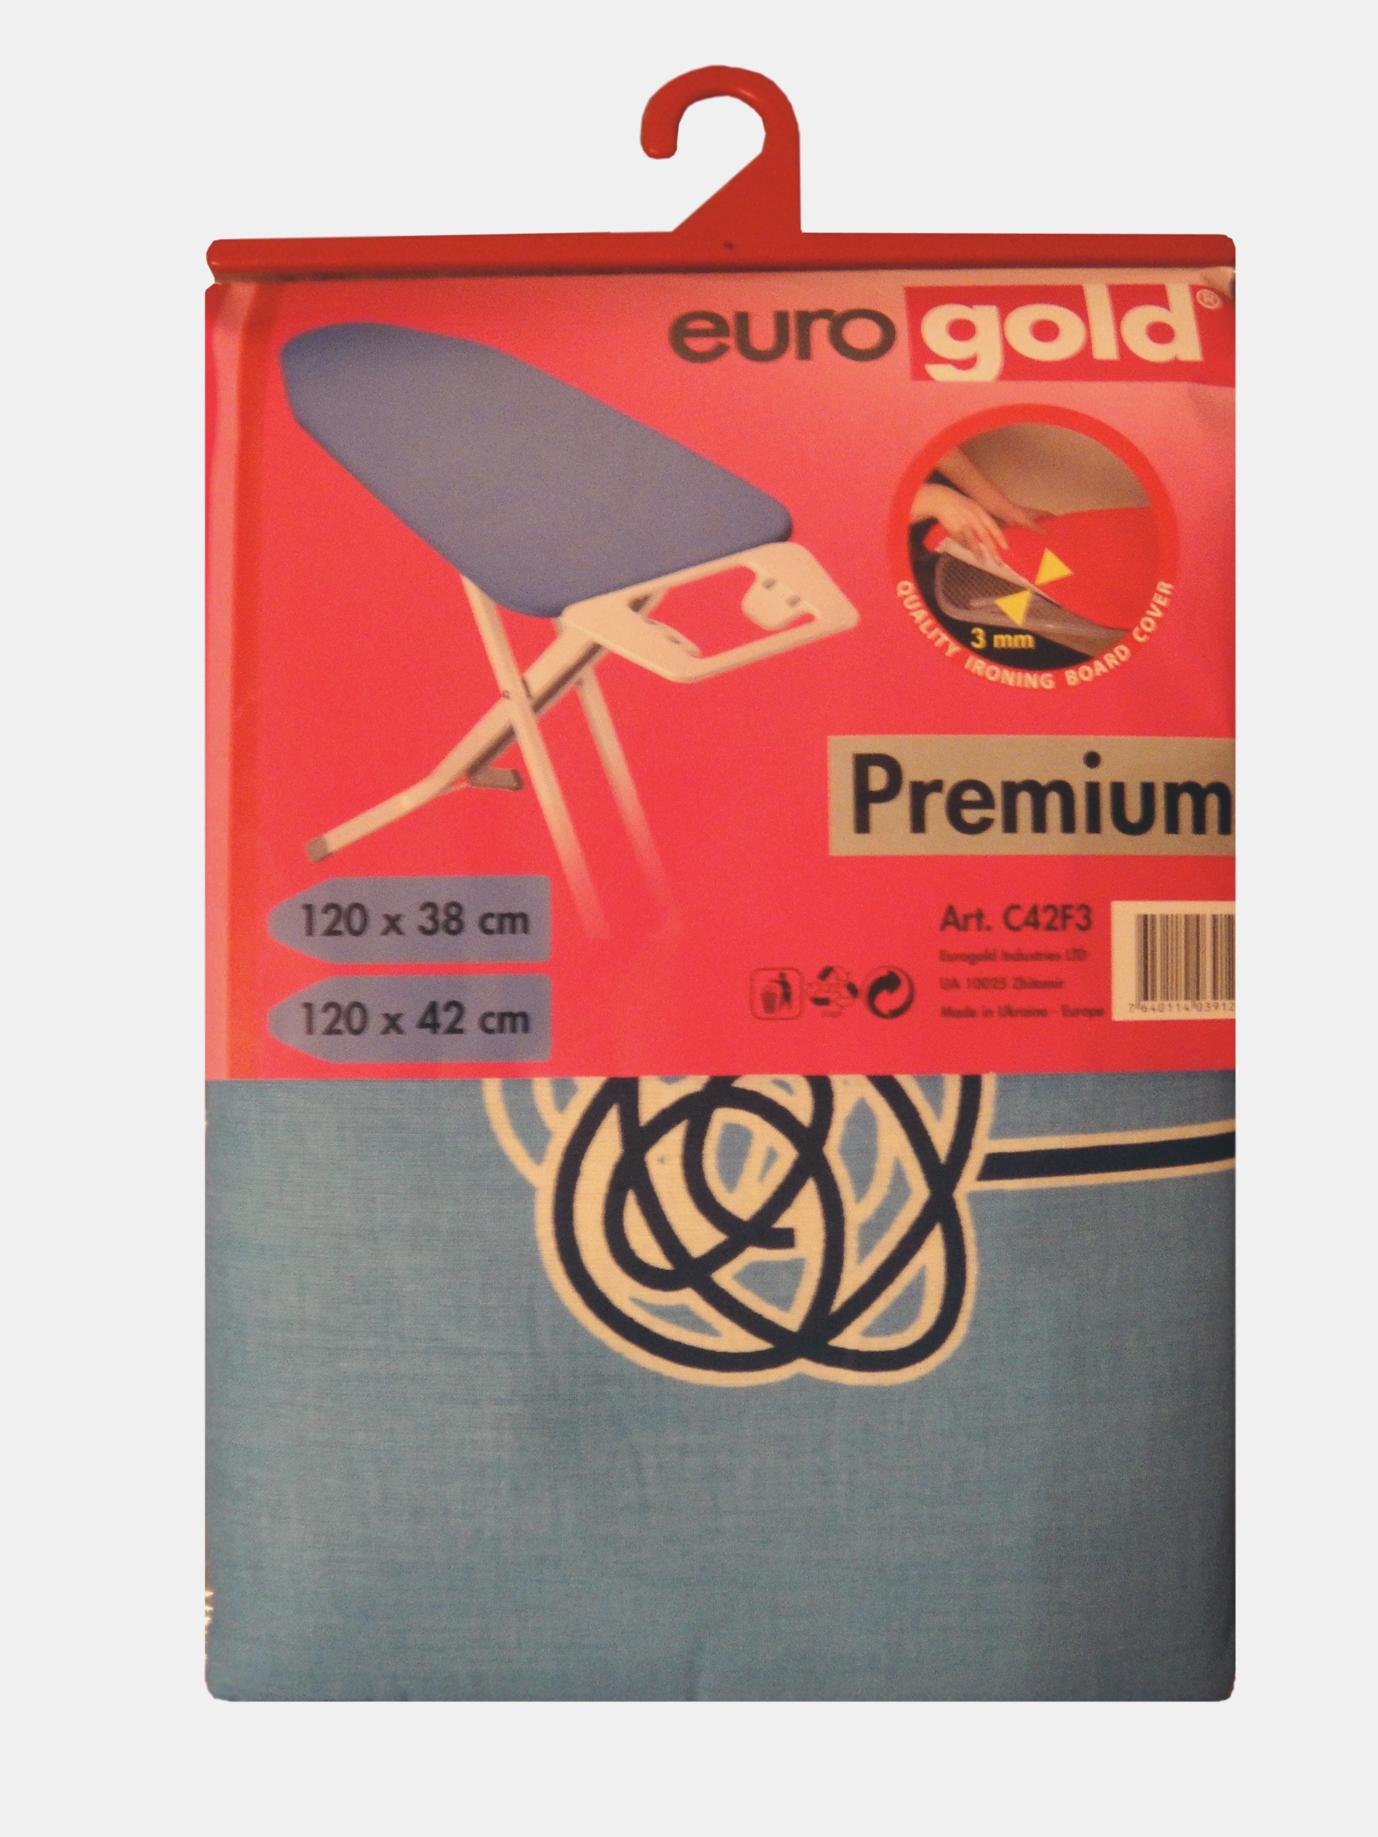 Чехлы и принадлежности Eurogold